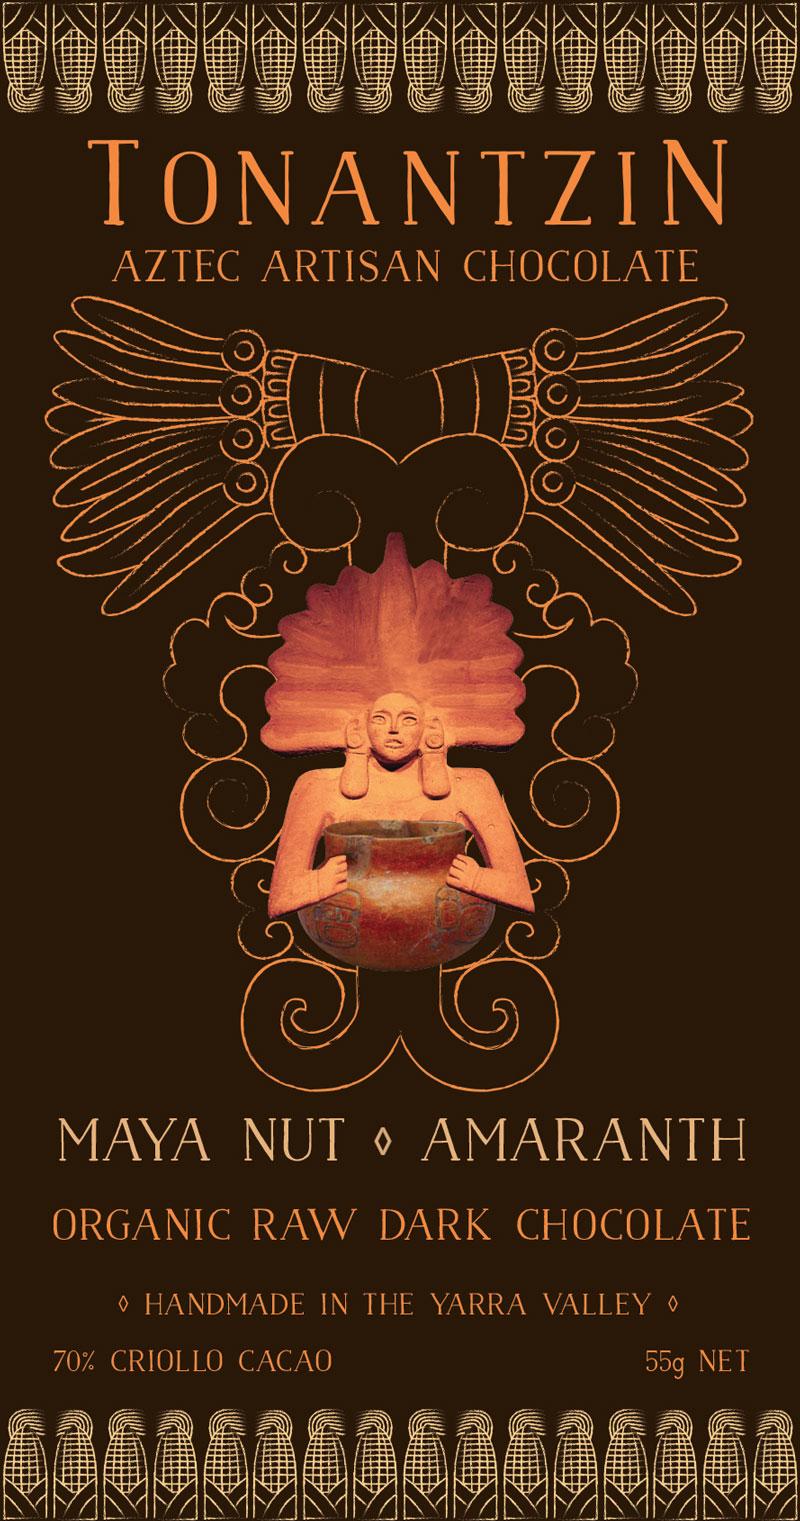 Maya Nut Amaranth